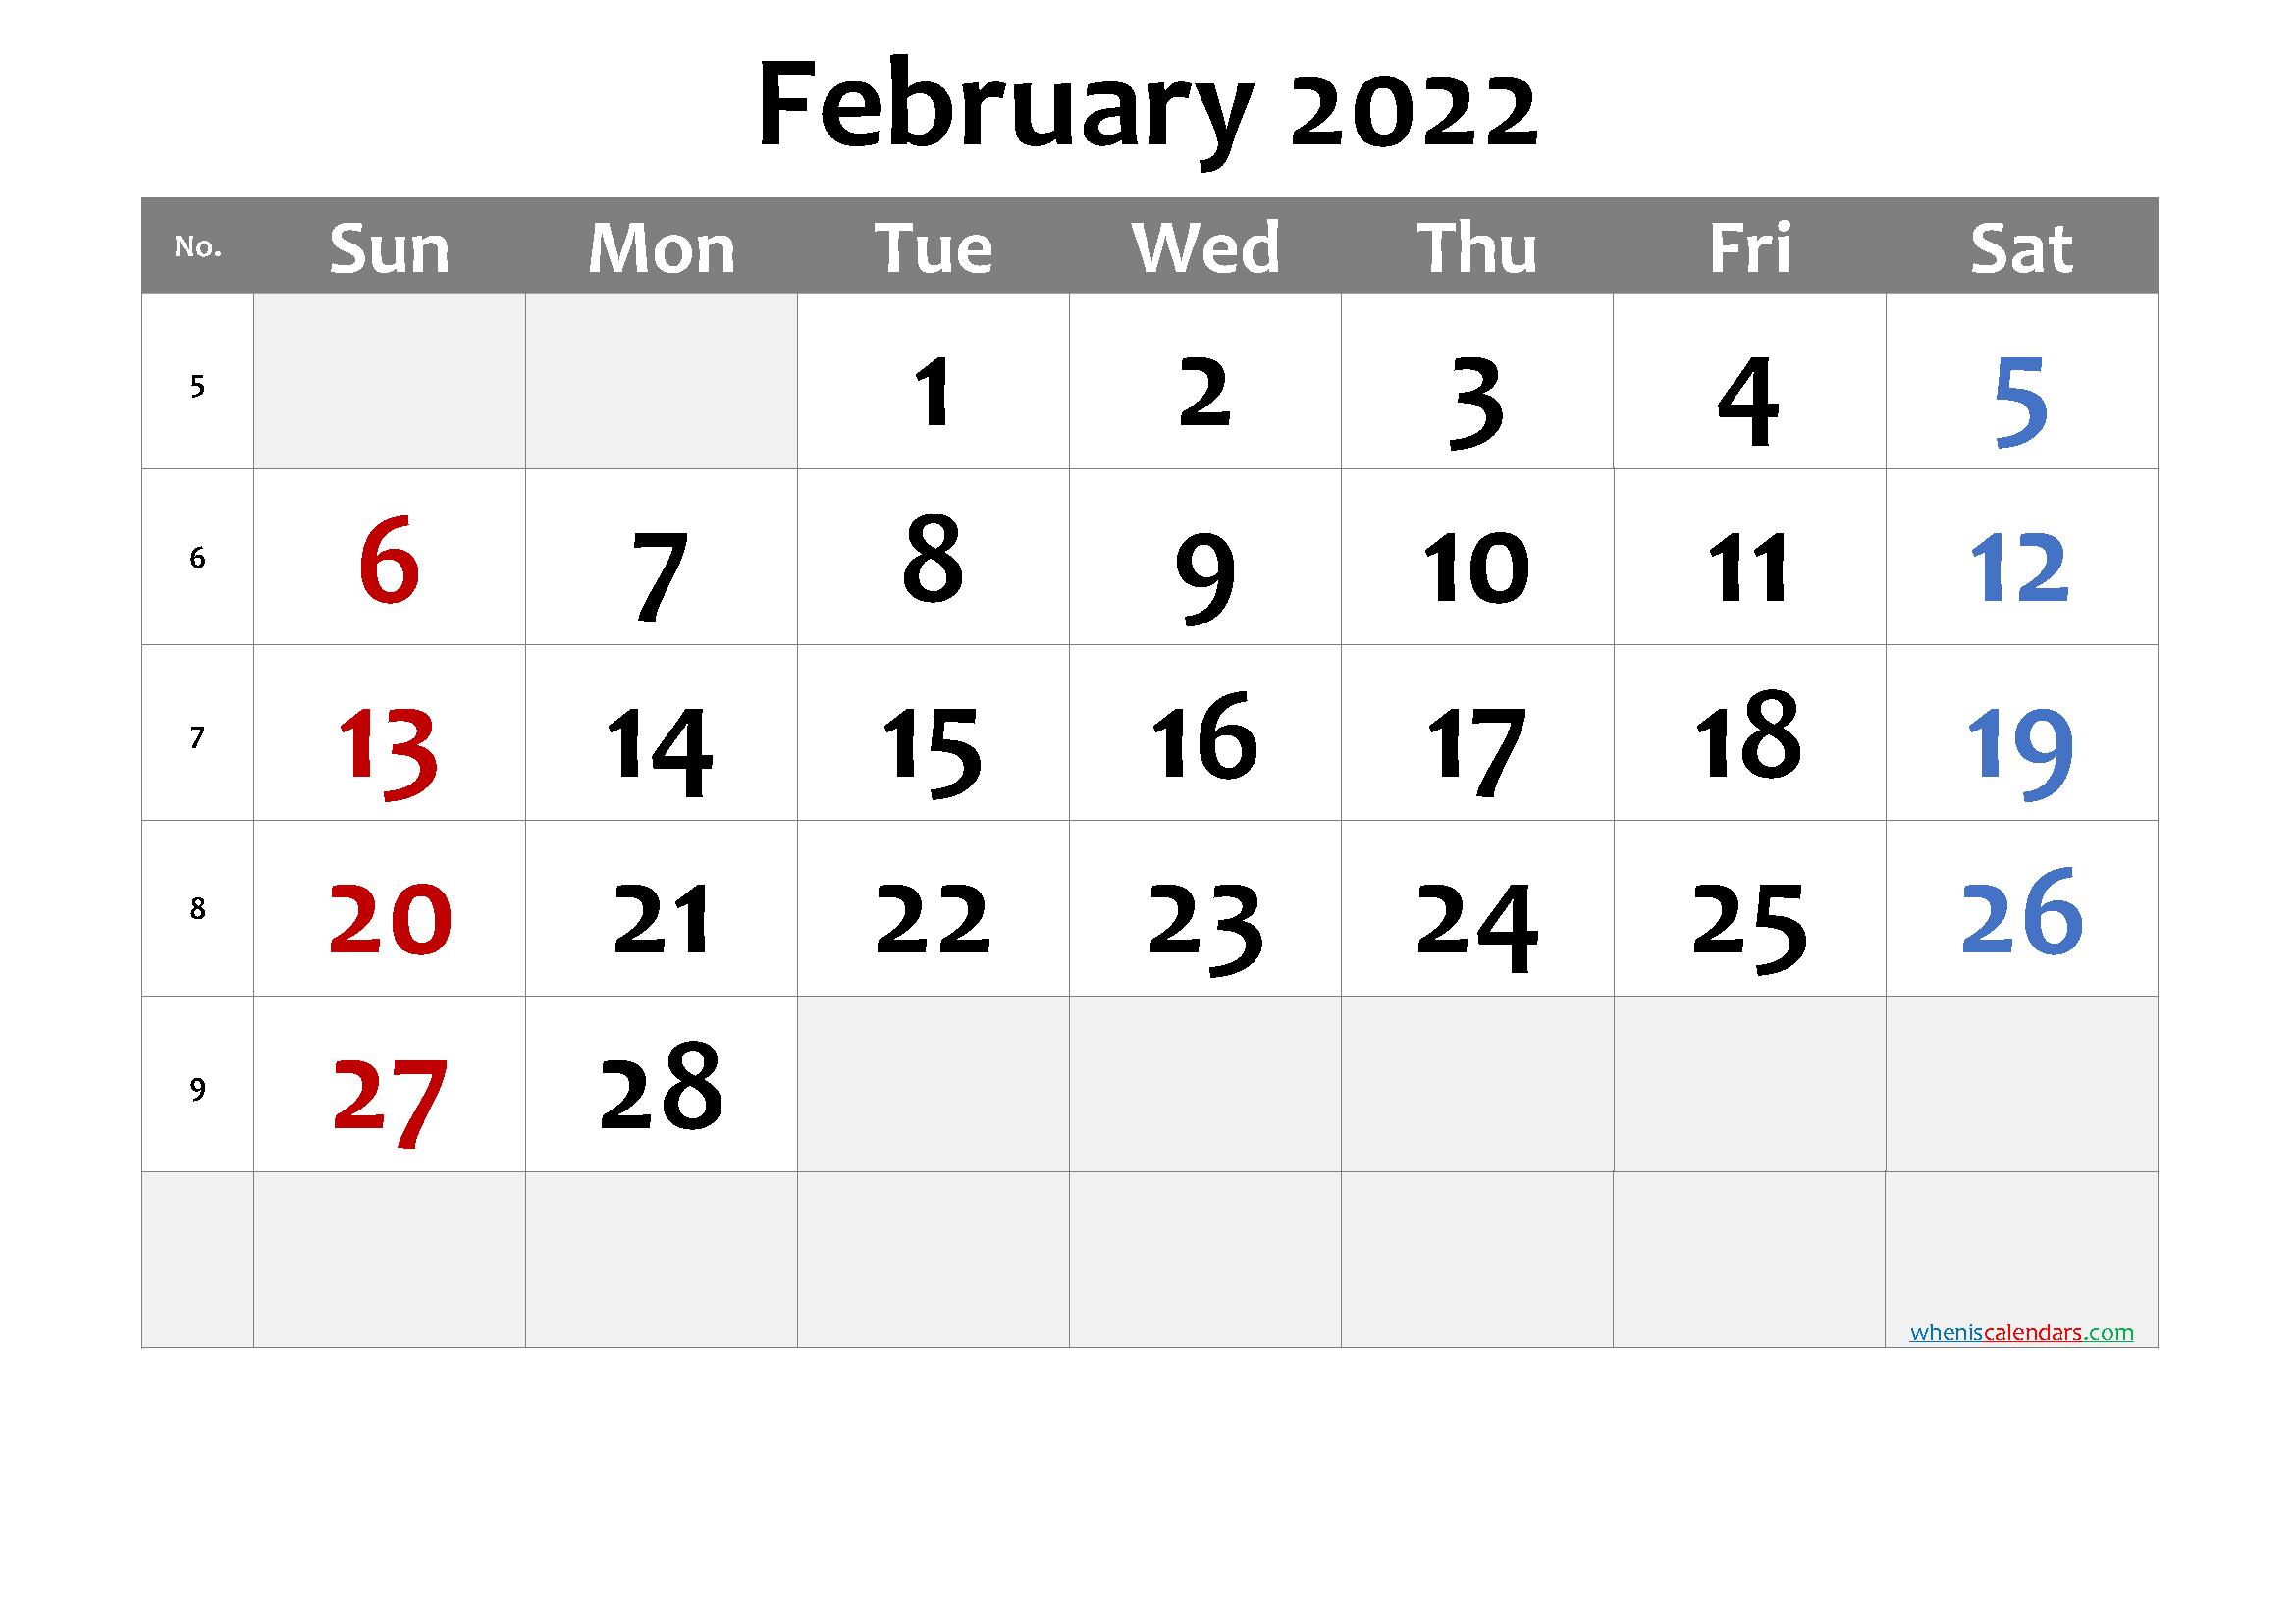 Unt 2022 Calendar.Free Printable February 2022 Calendar Premium Calendar Printables Printable Calendar Template 2021 Calendar